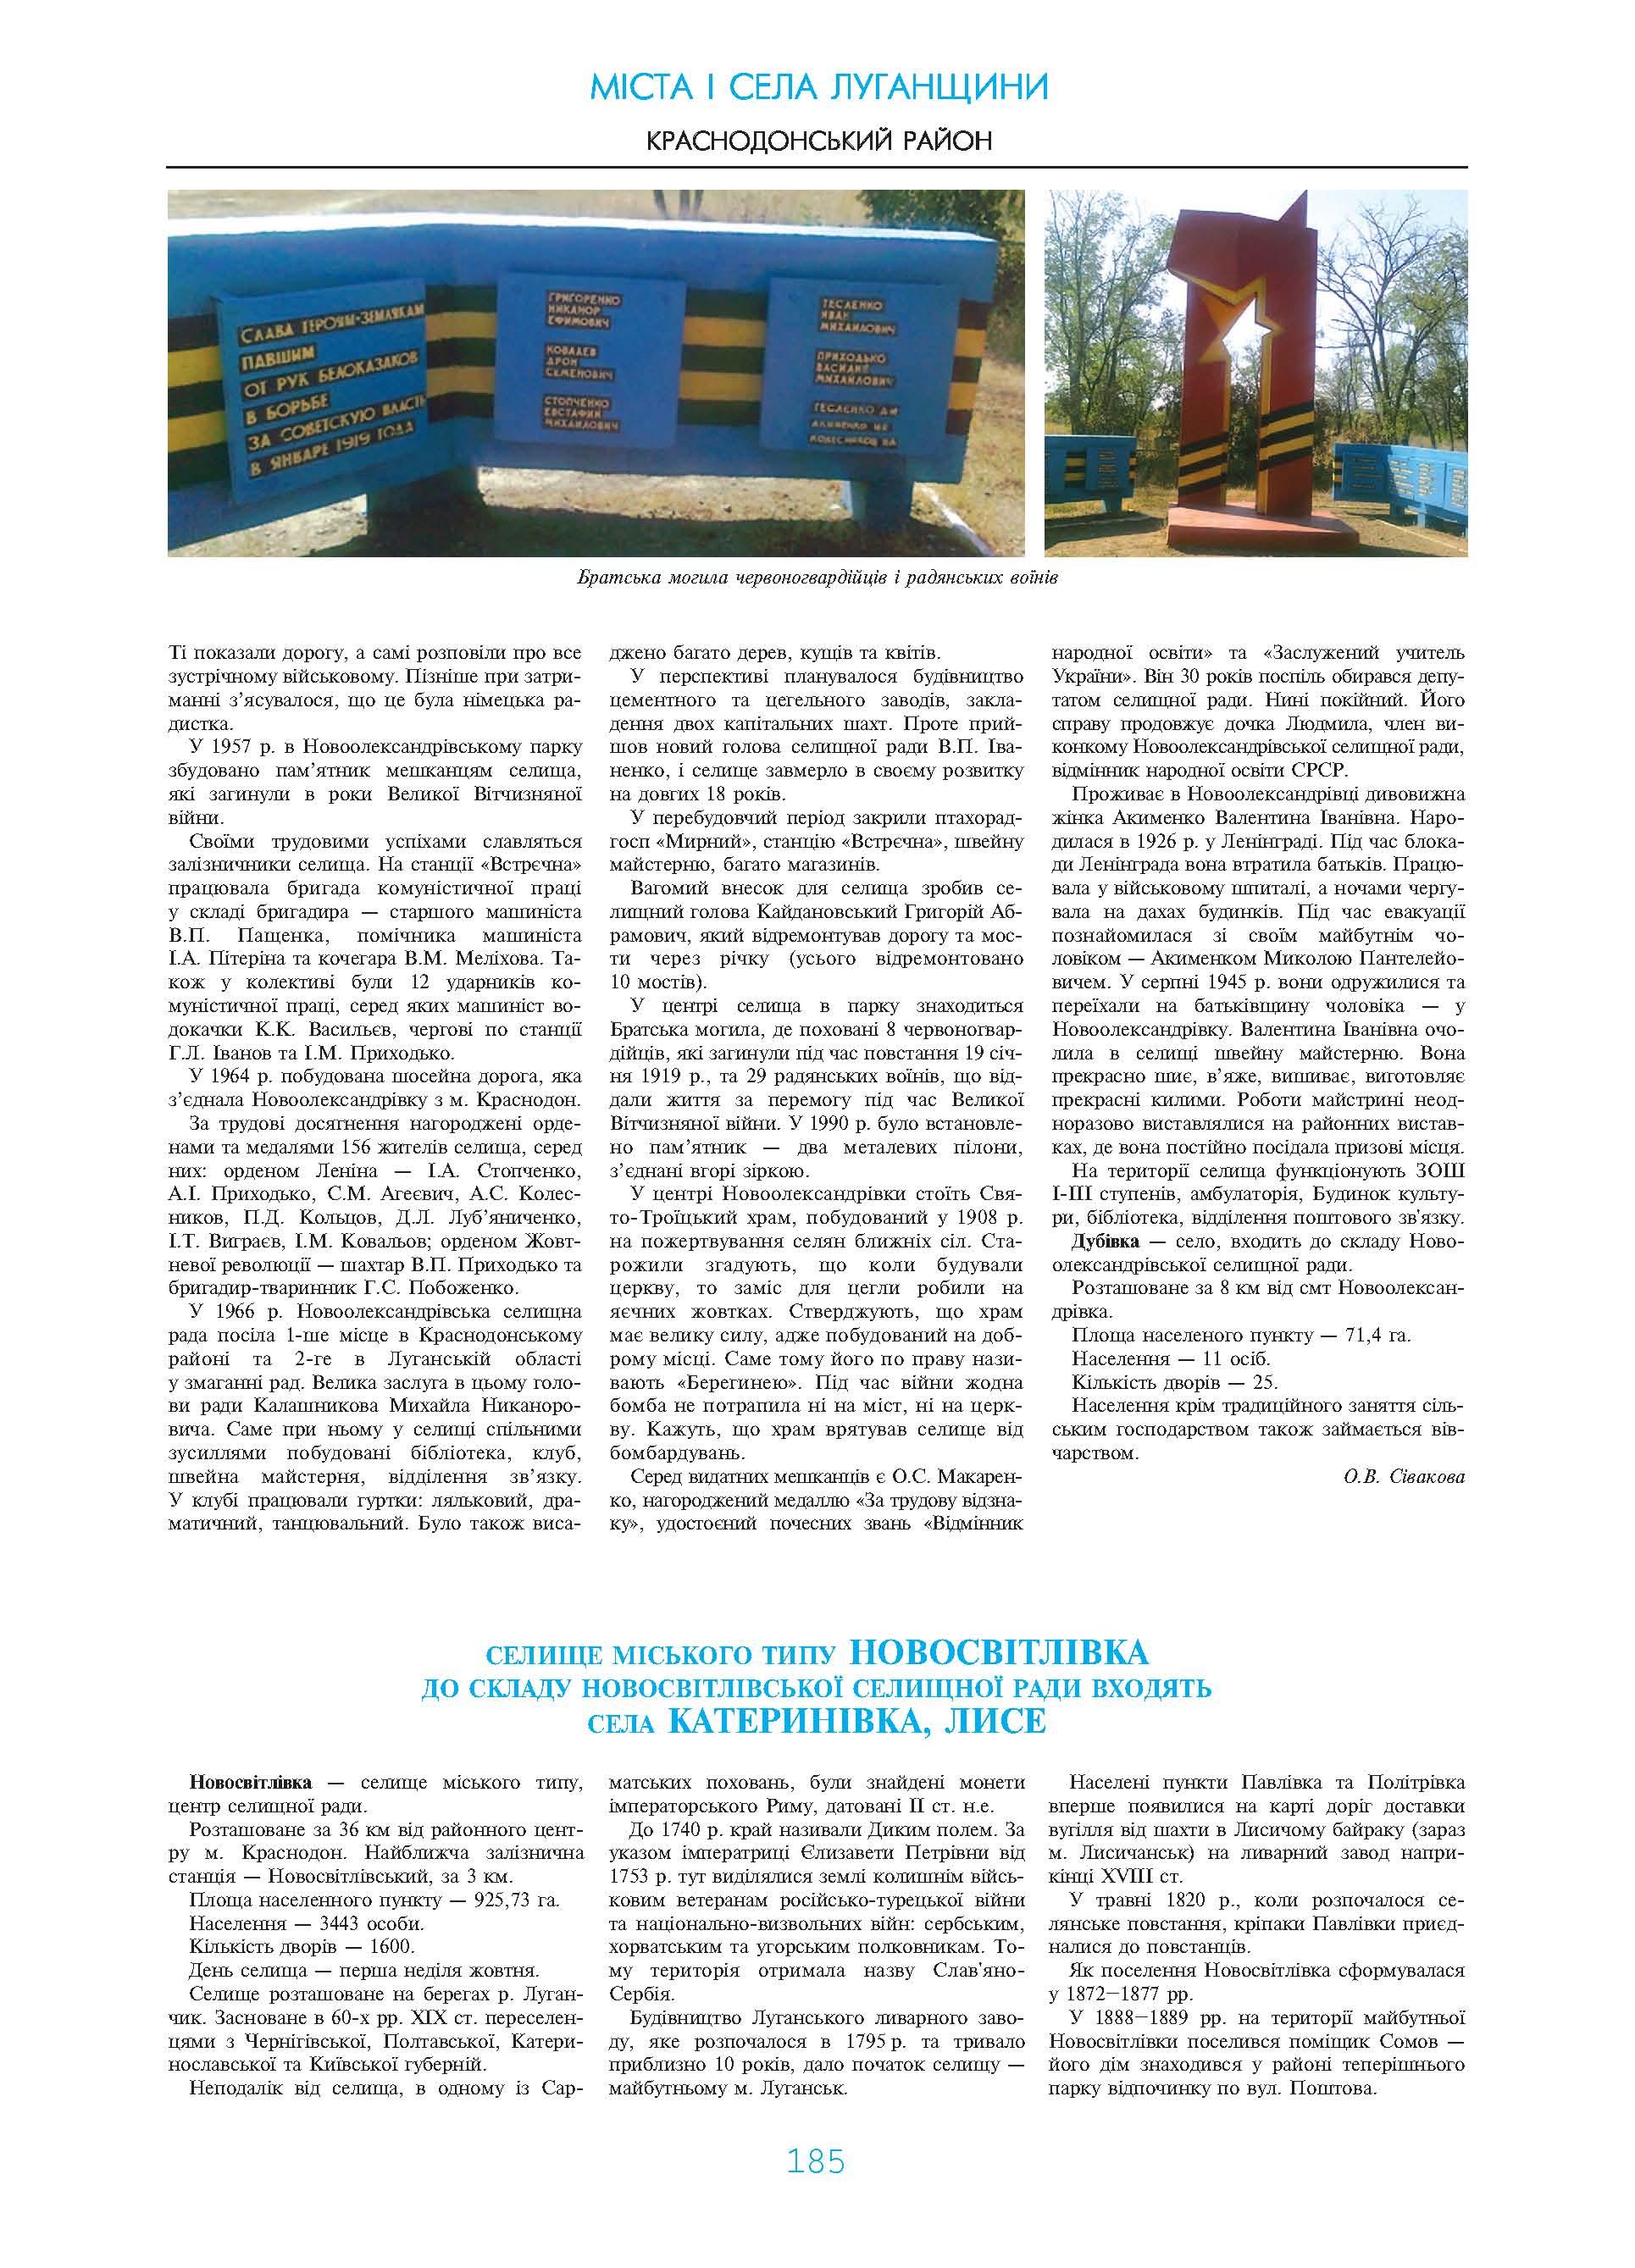 Селище міського типу новосвітлівка